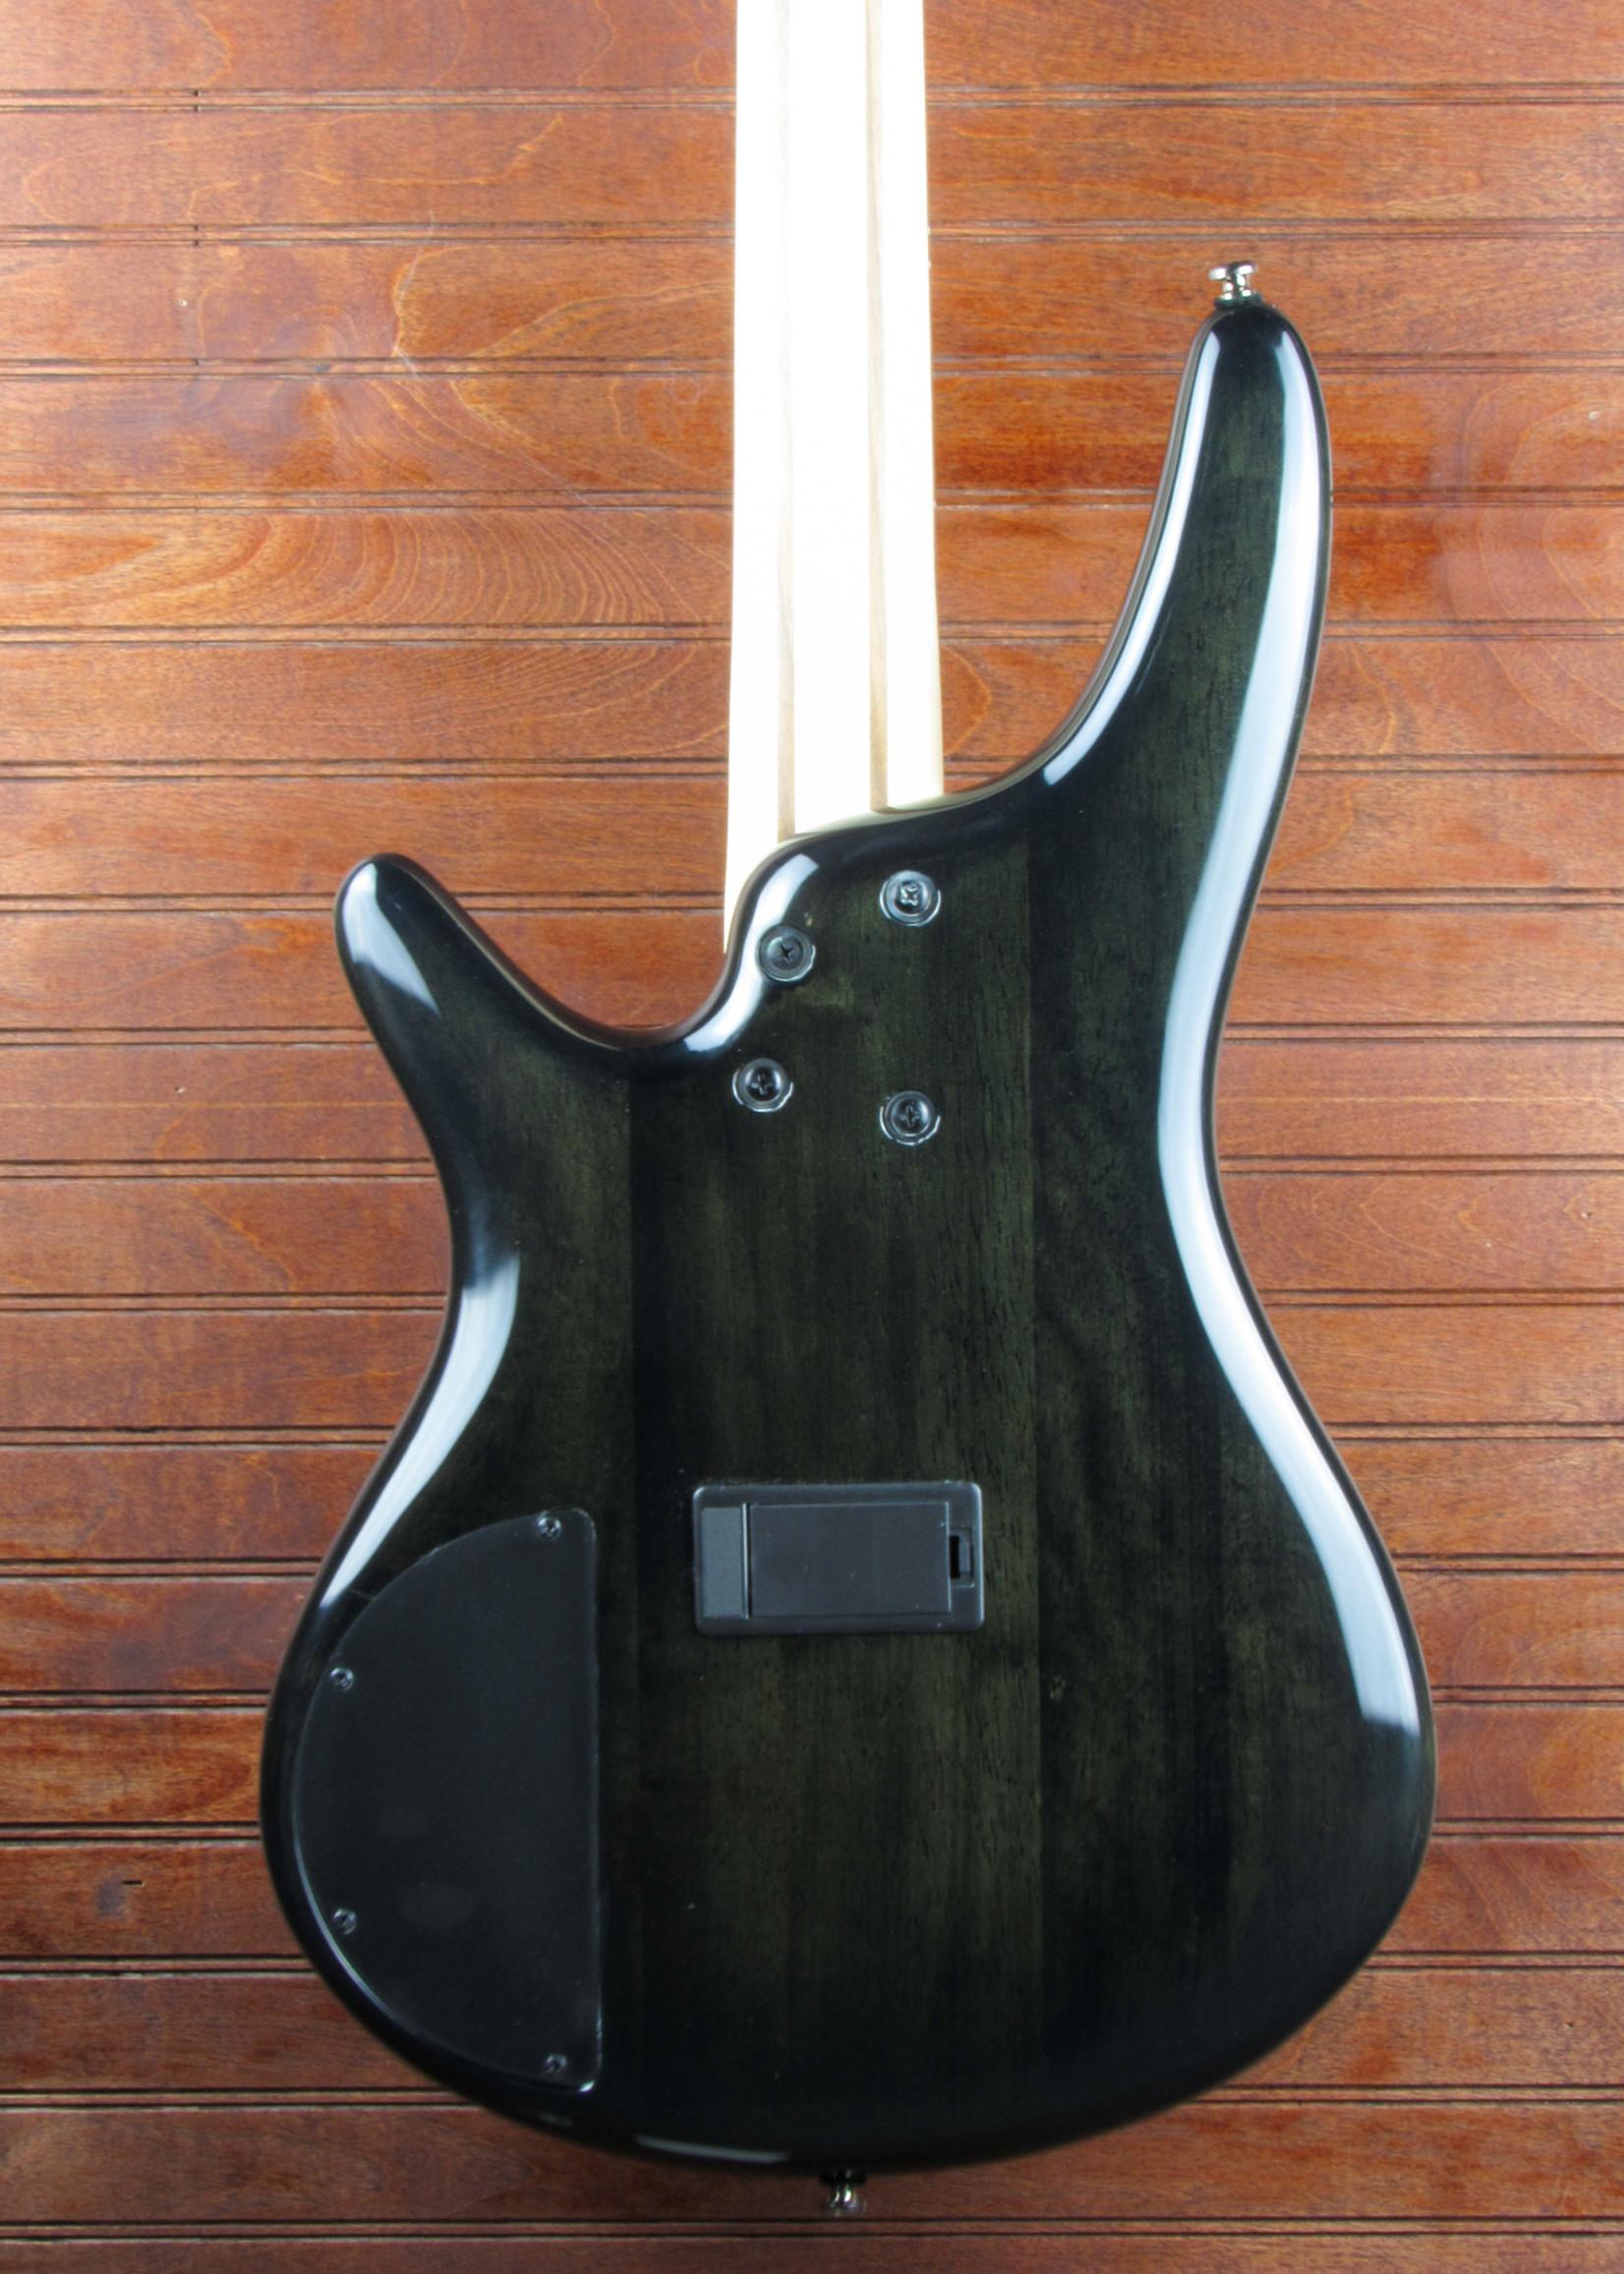 Ibanez Ibanez SR400EQM Surreal Black Burst